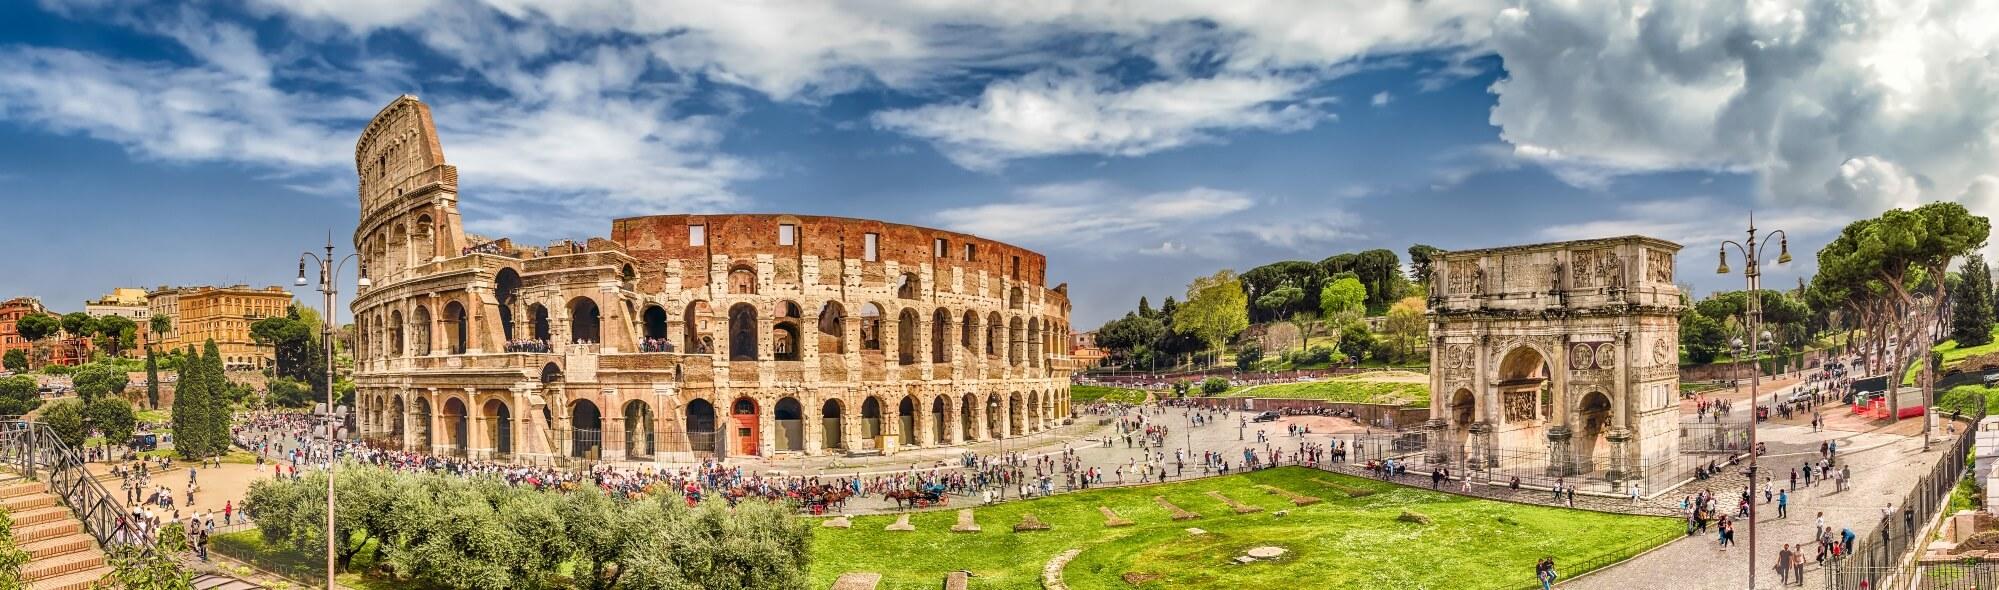 Rom Kolosseum Panorama